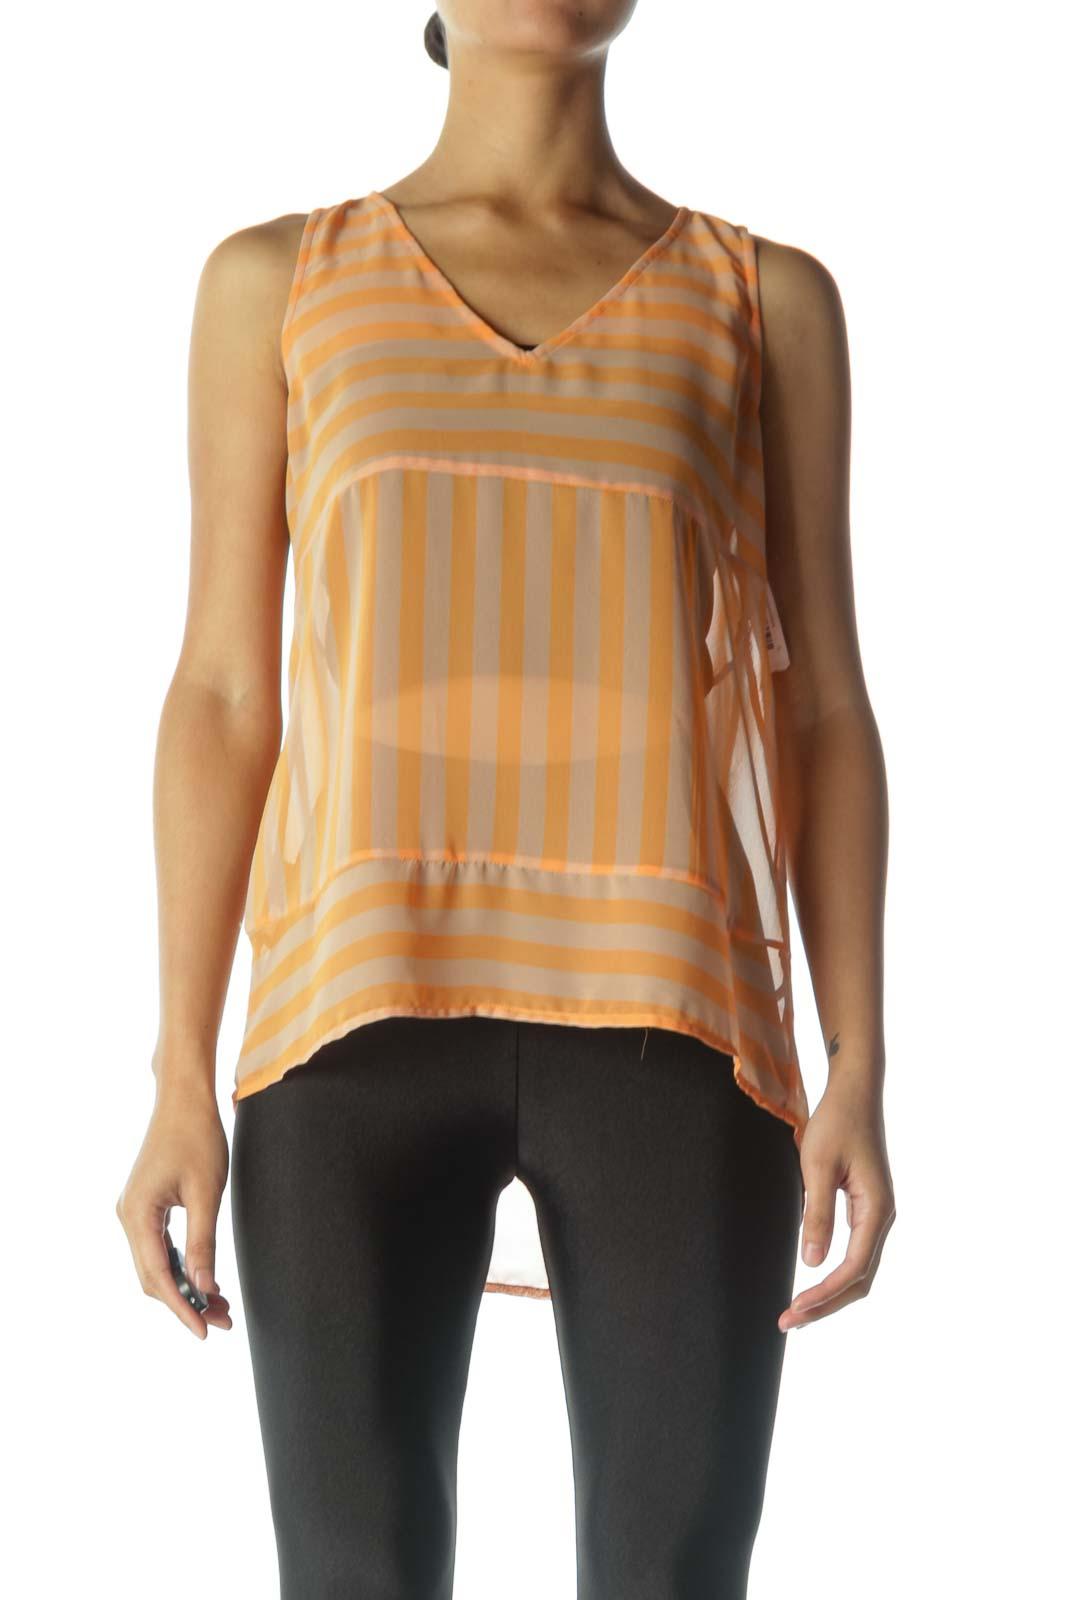 Orange Striped Sheer Tank Top Front